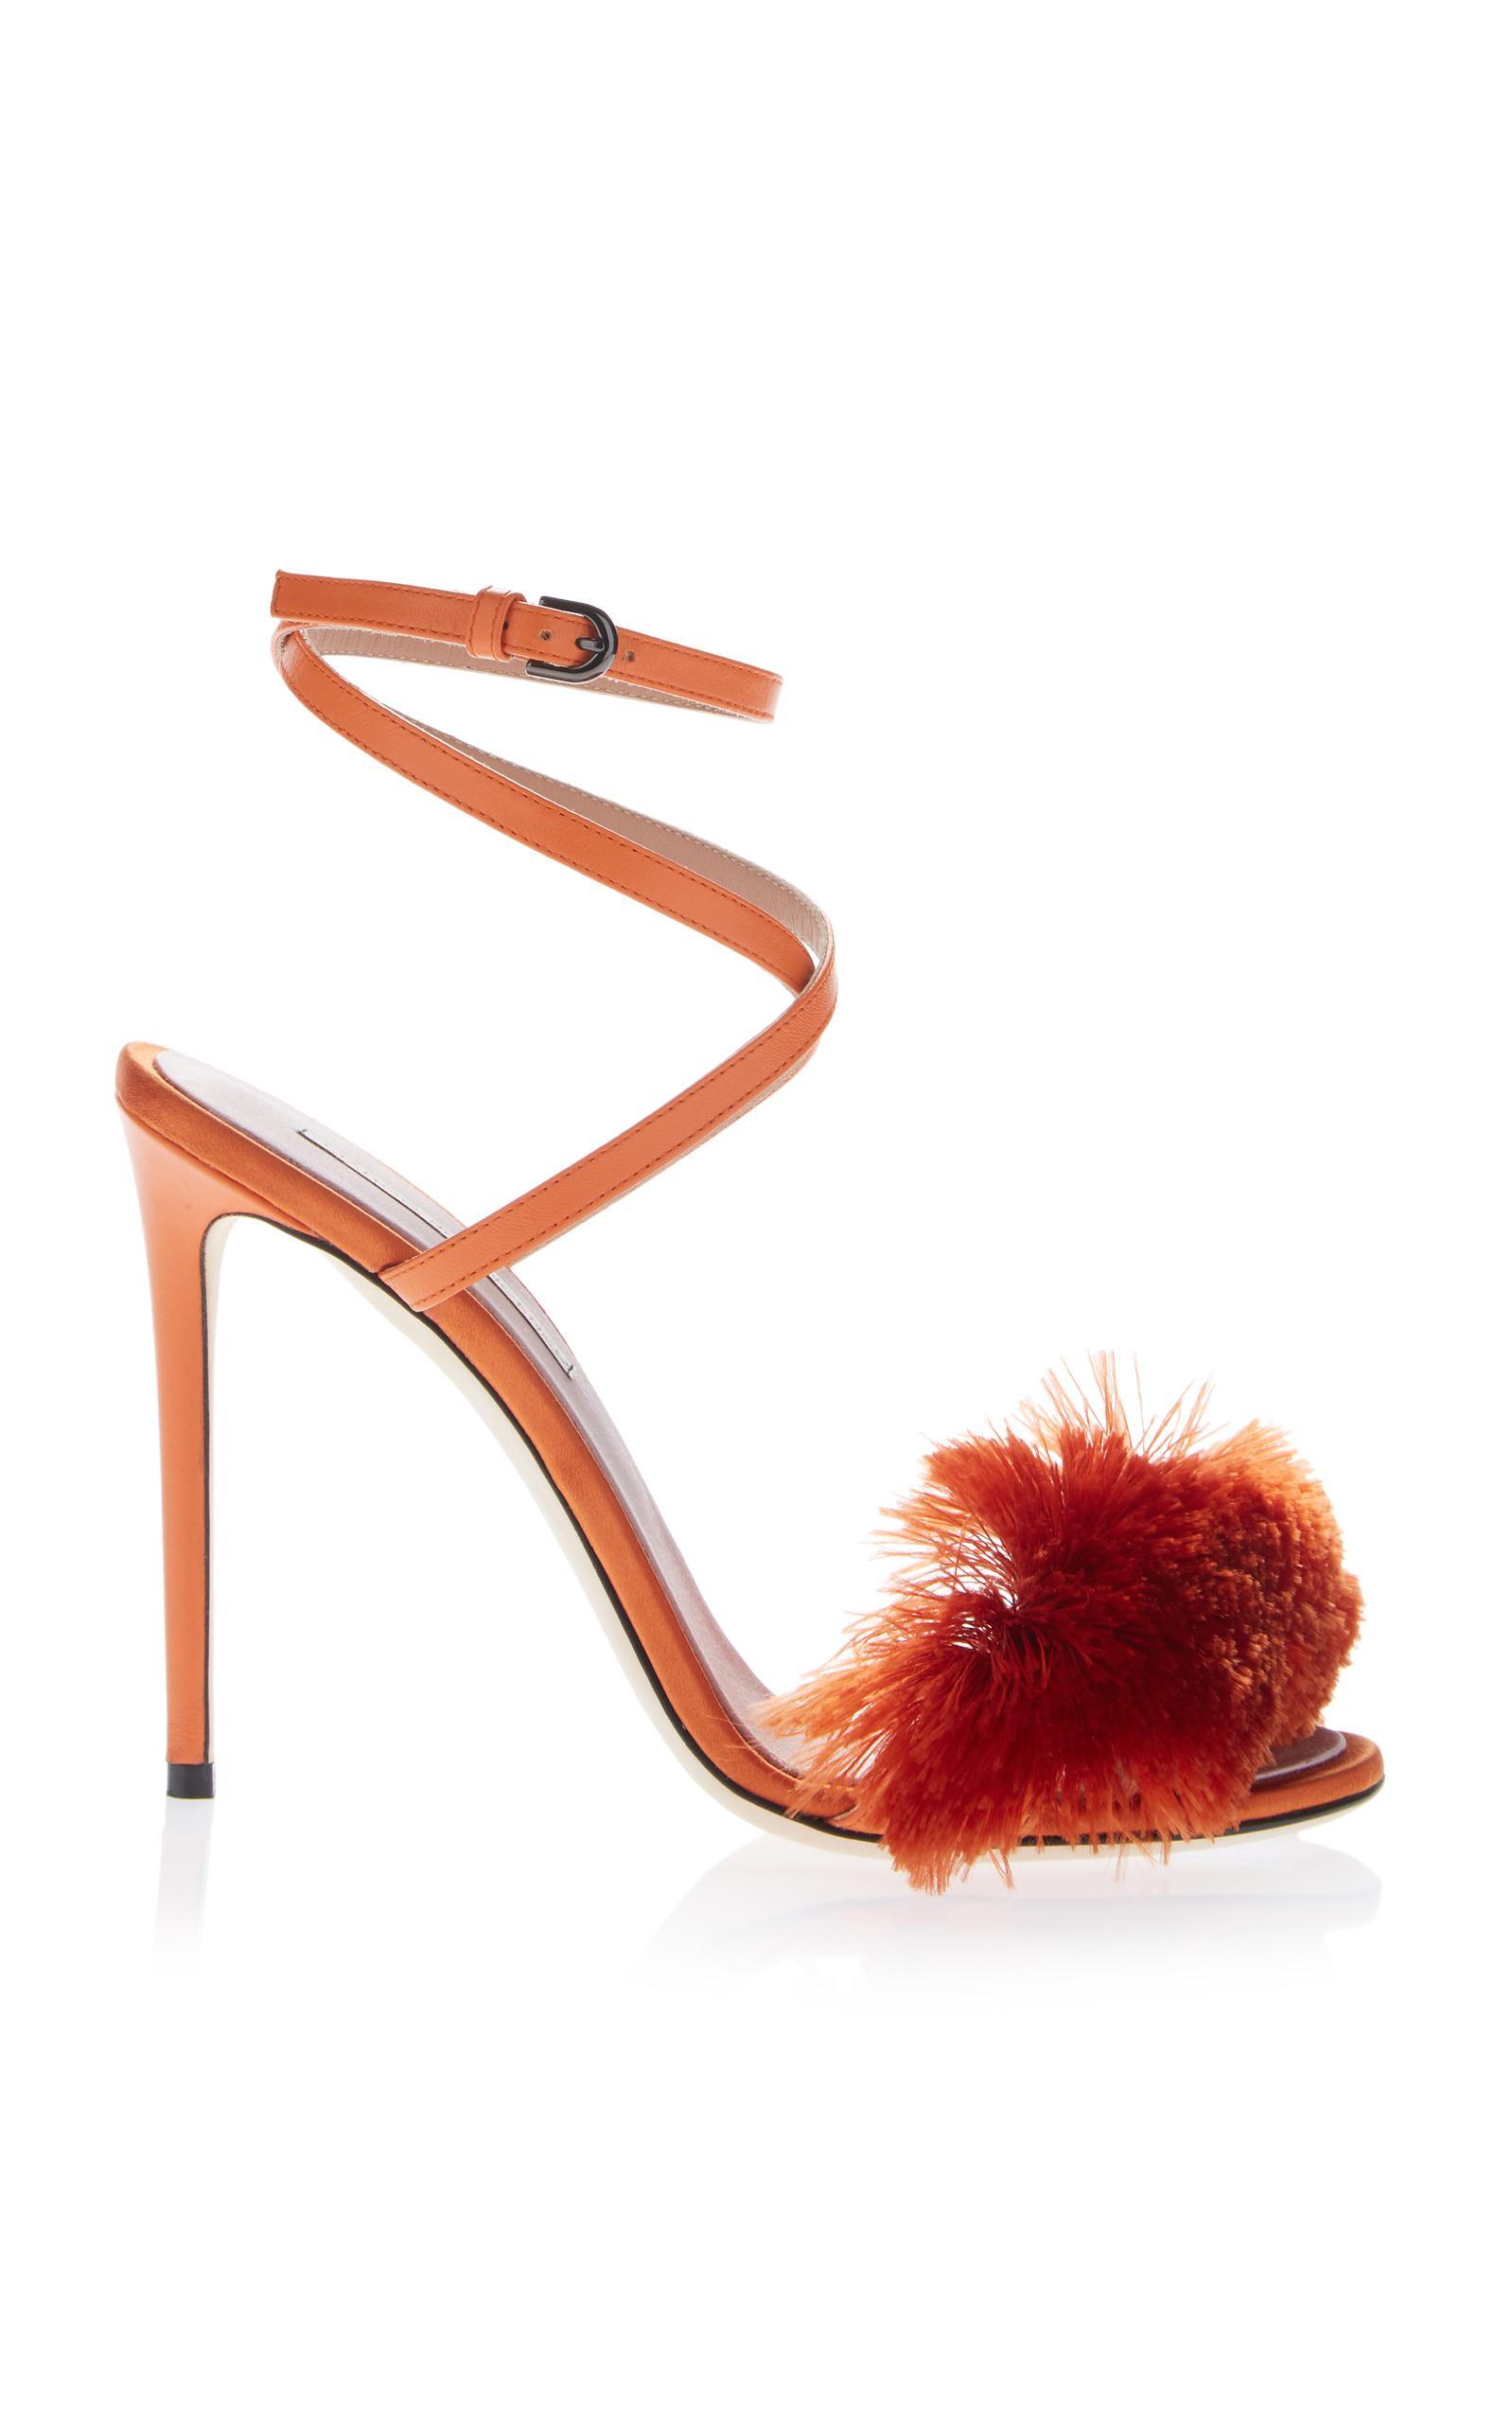 63af63aceb7199 Lyst - Marco De Vincenzo Fringe High Heel Sandal in Orange